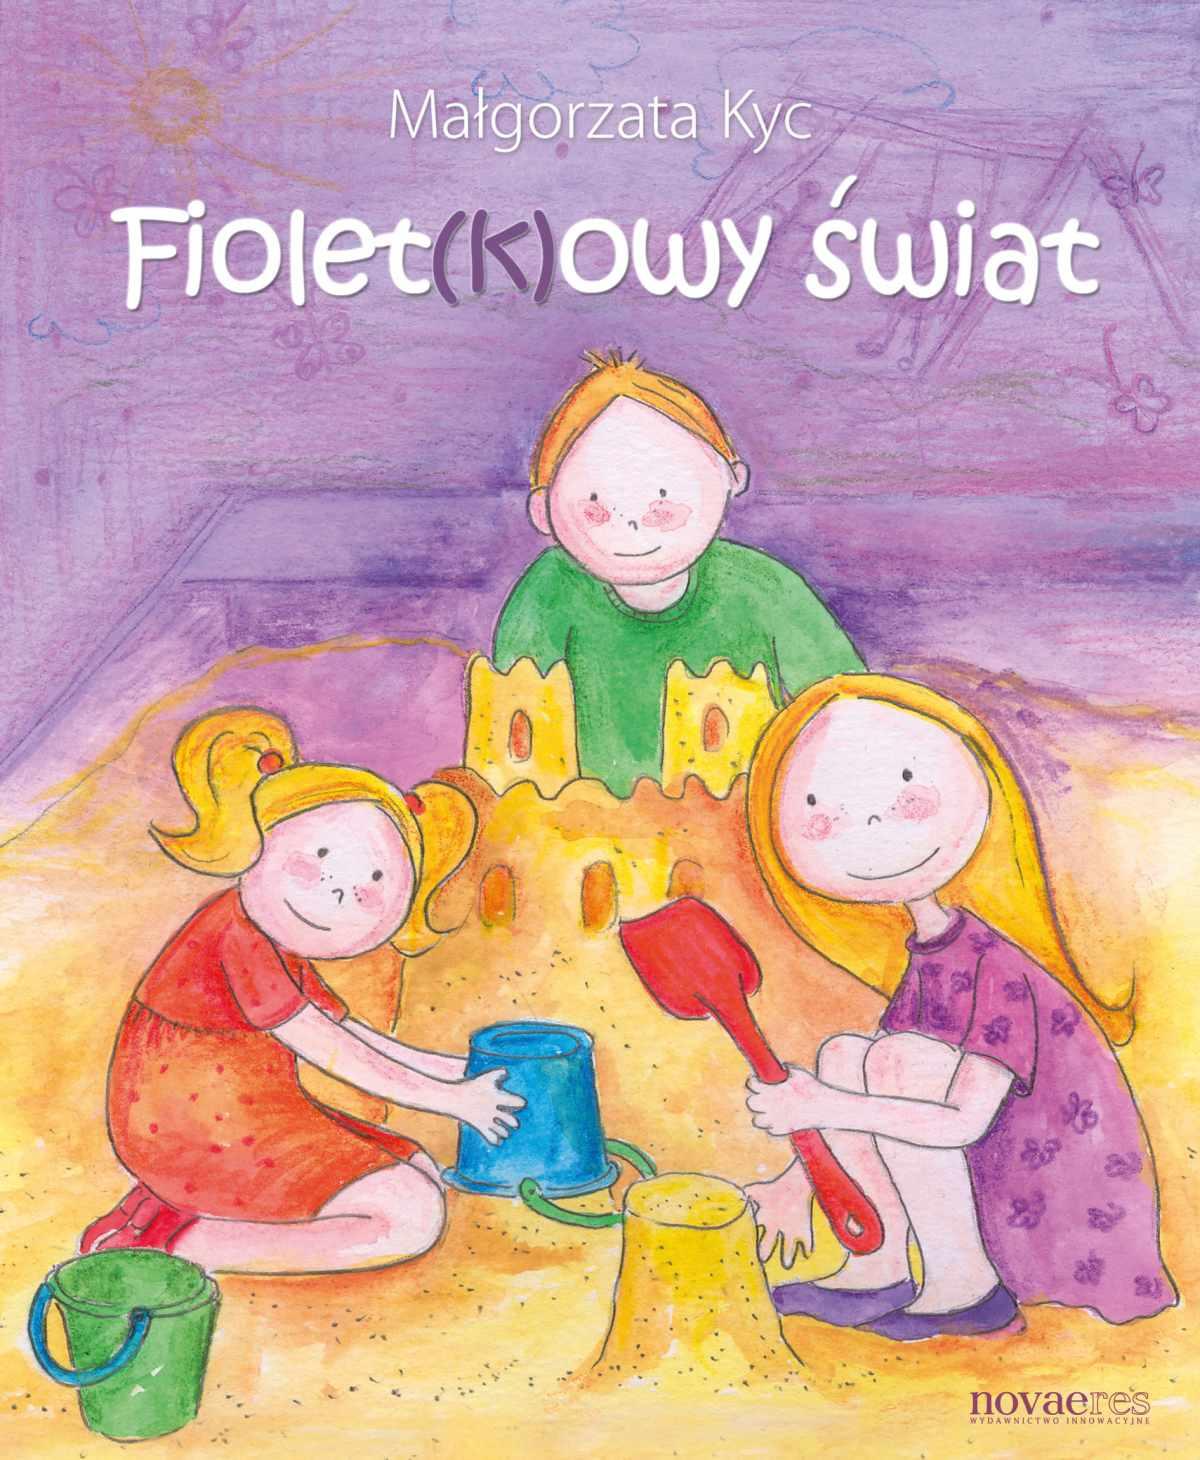 Fiolet(k)owy świat - Ebook (Książka EPUB) do pobrania w formacie EPUB